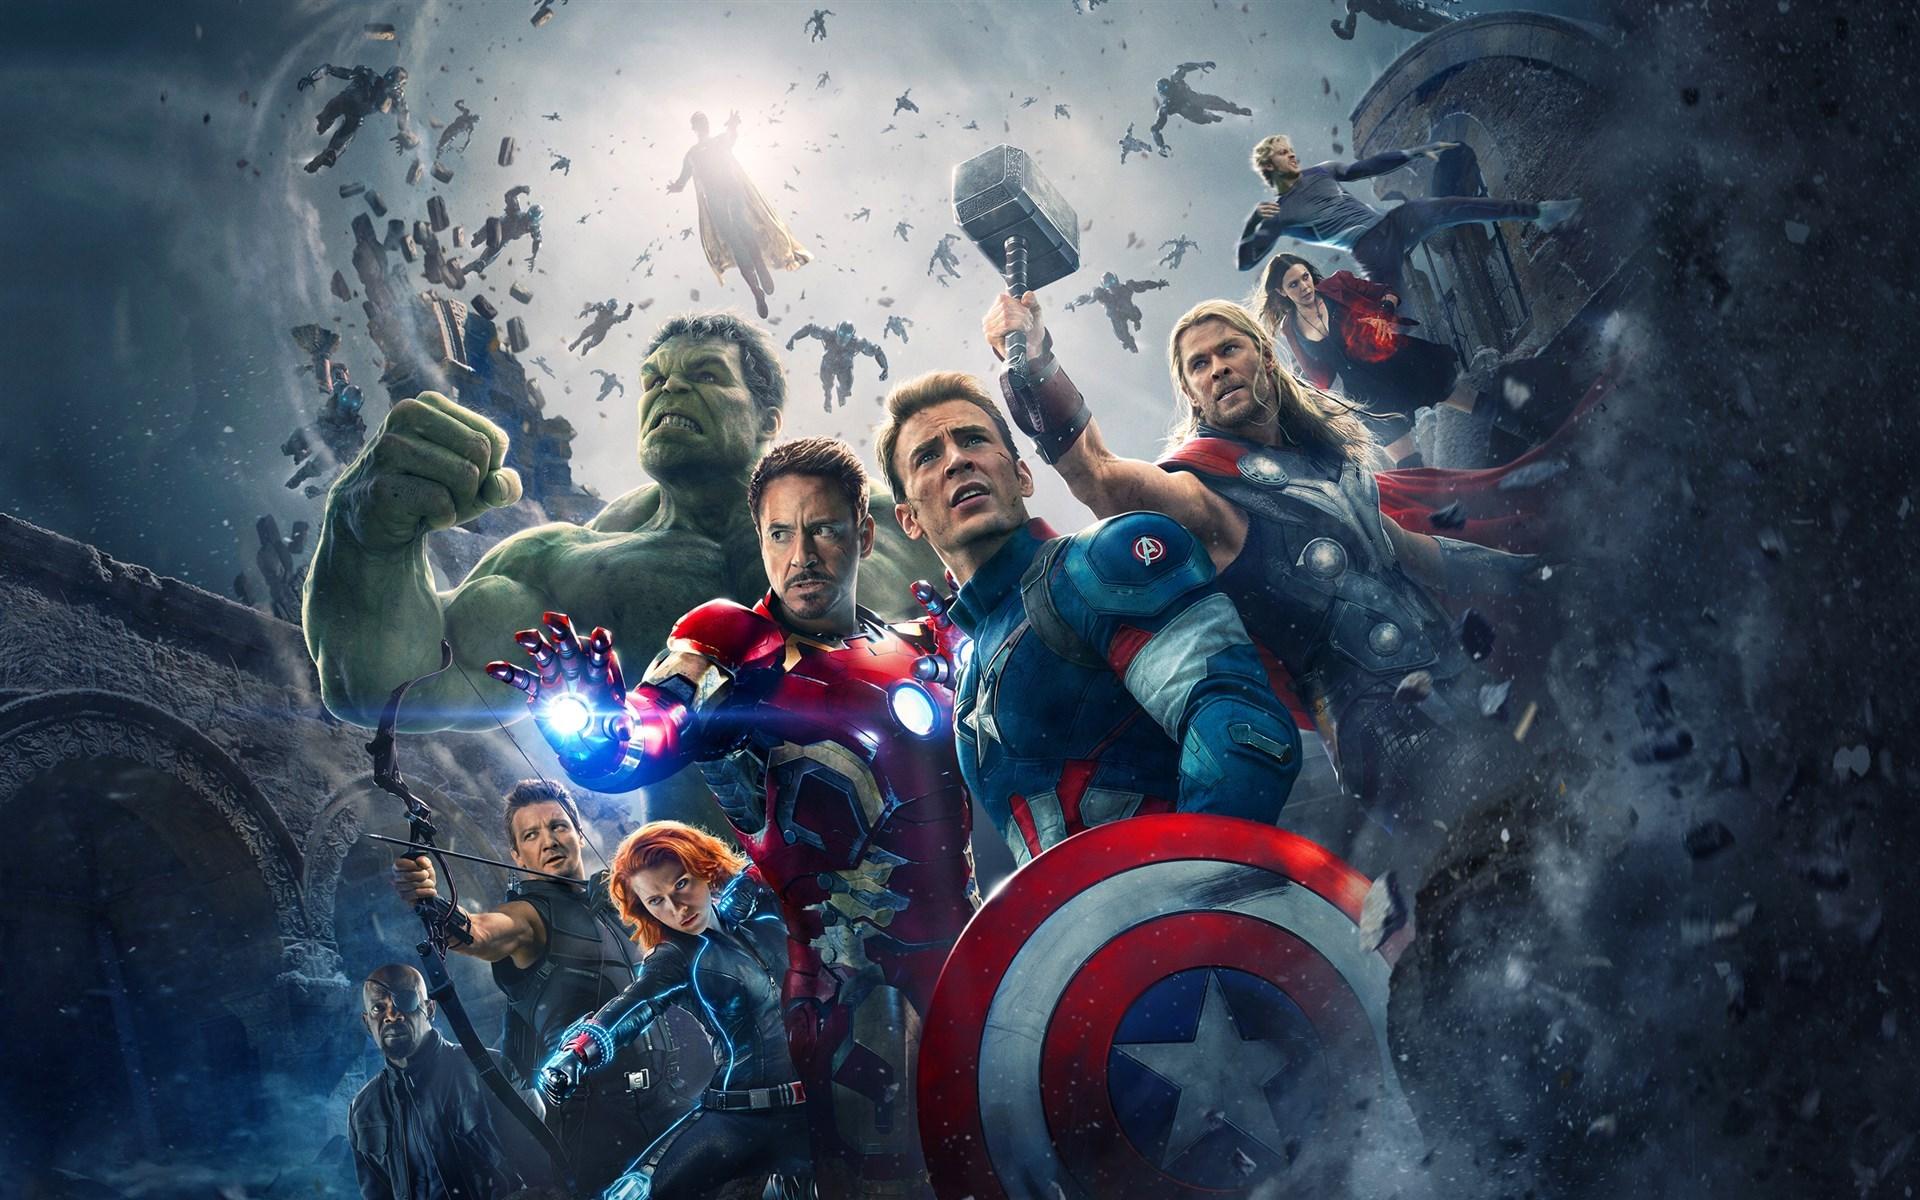 《复仇者联盟2:奥创纪元》电影大约长为2小时22分钟,具有跨过3000个特效镜头,跨过《银河护卫队》(2750个)成为漫威电影之最。IMAX3D版《复仇者联盟2:奥创纪元》将让观众感触到极致的特效带来的震撼体会。与《复仇者联盟1》对比,《复仇者联盟2》的格局愈加无量,而且绿巨人、美国队长、钢铁侠、黑寡妇、雷神等众超级英豪更是翻开令人激动的团战方法,无量的场景最适合以IMAX大荧幕来出现。